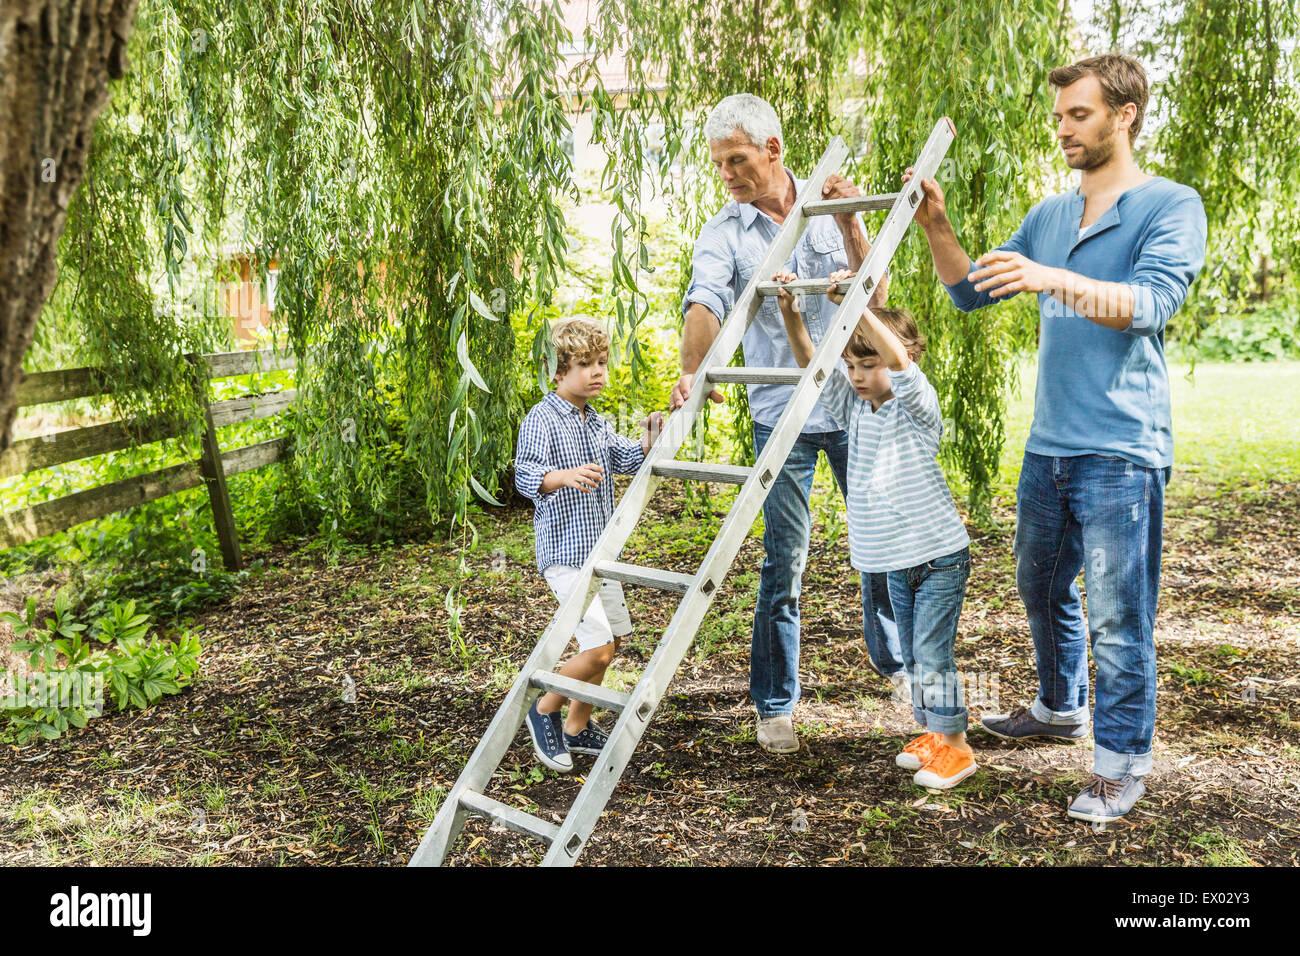 Uomo maturo con figlio scaletta di sollevamento con nipoti in giardino Immagini Stock